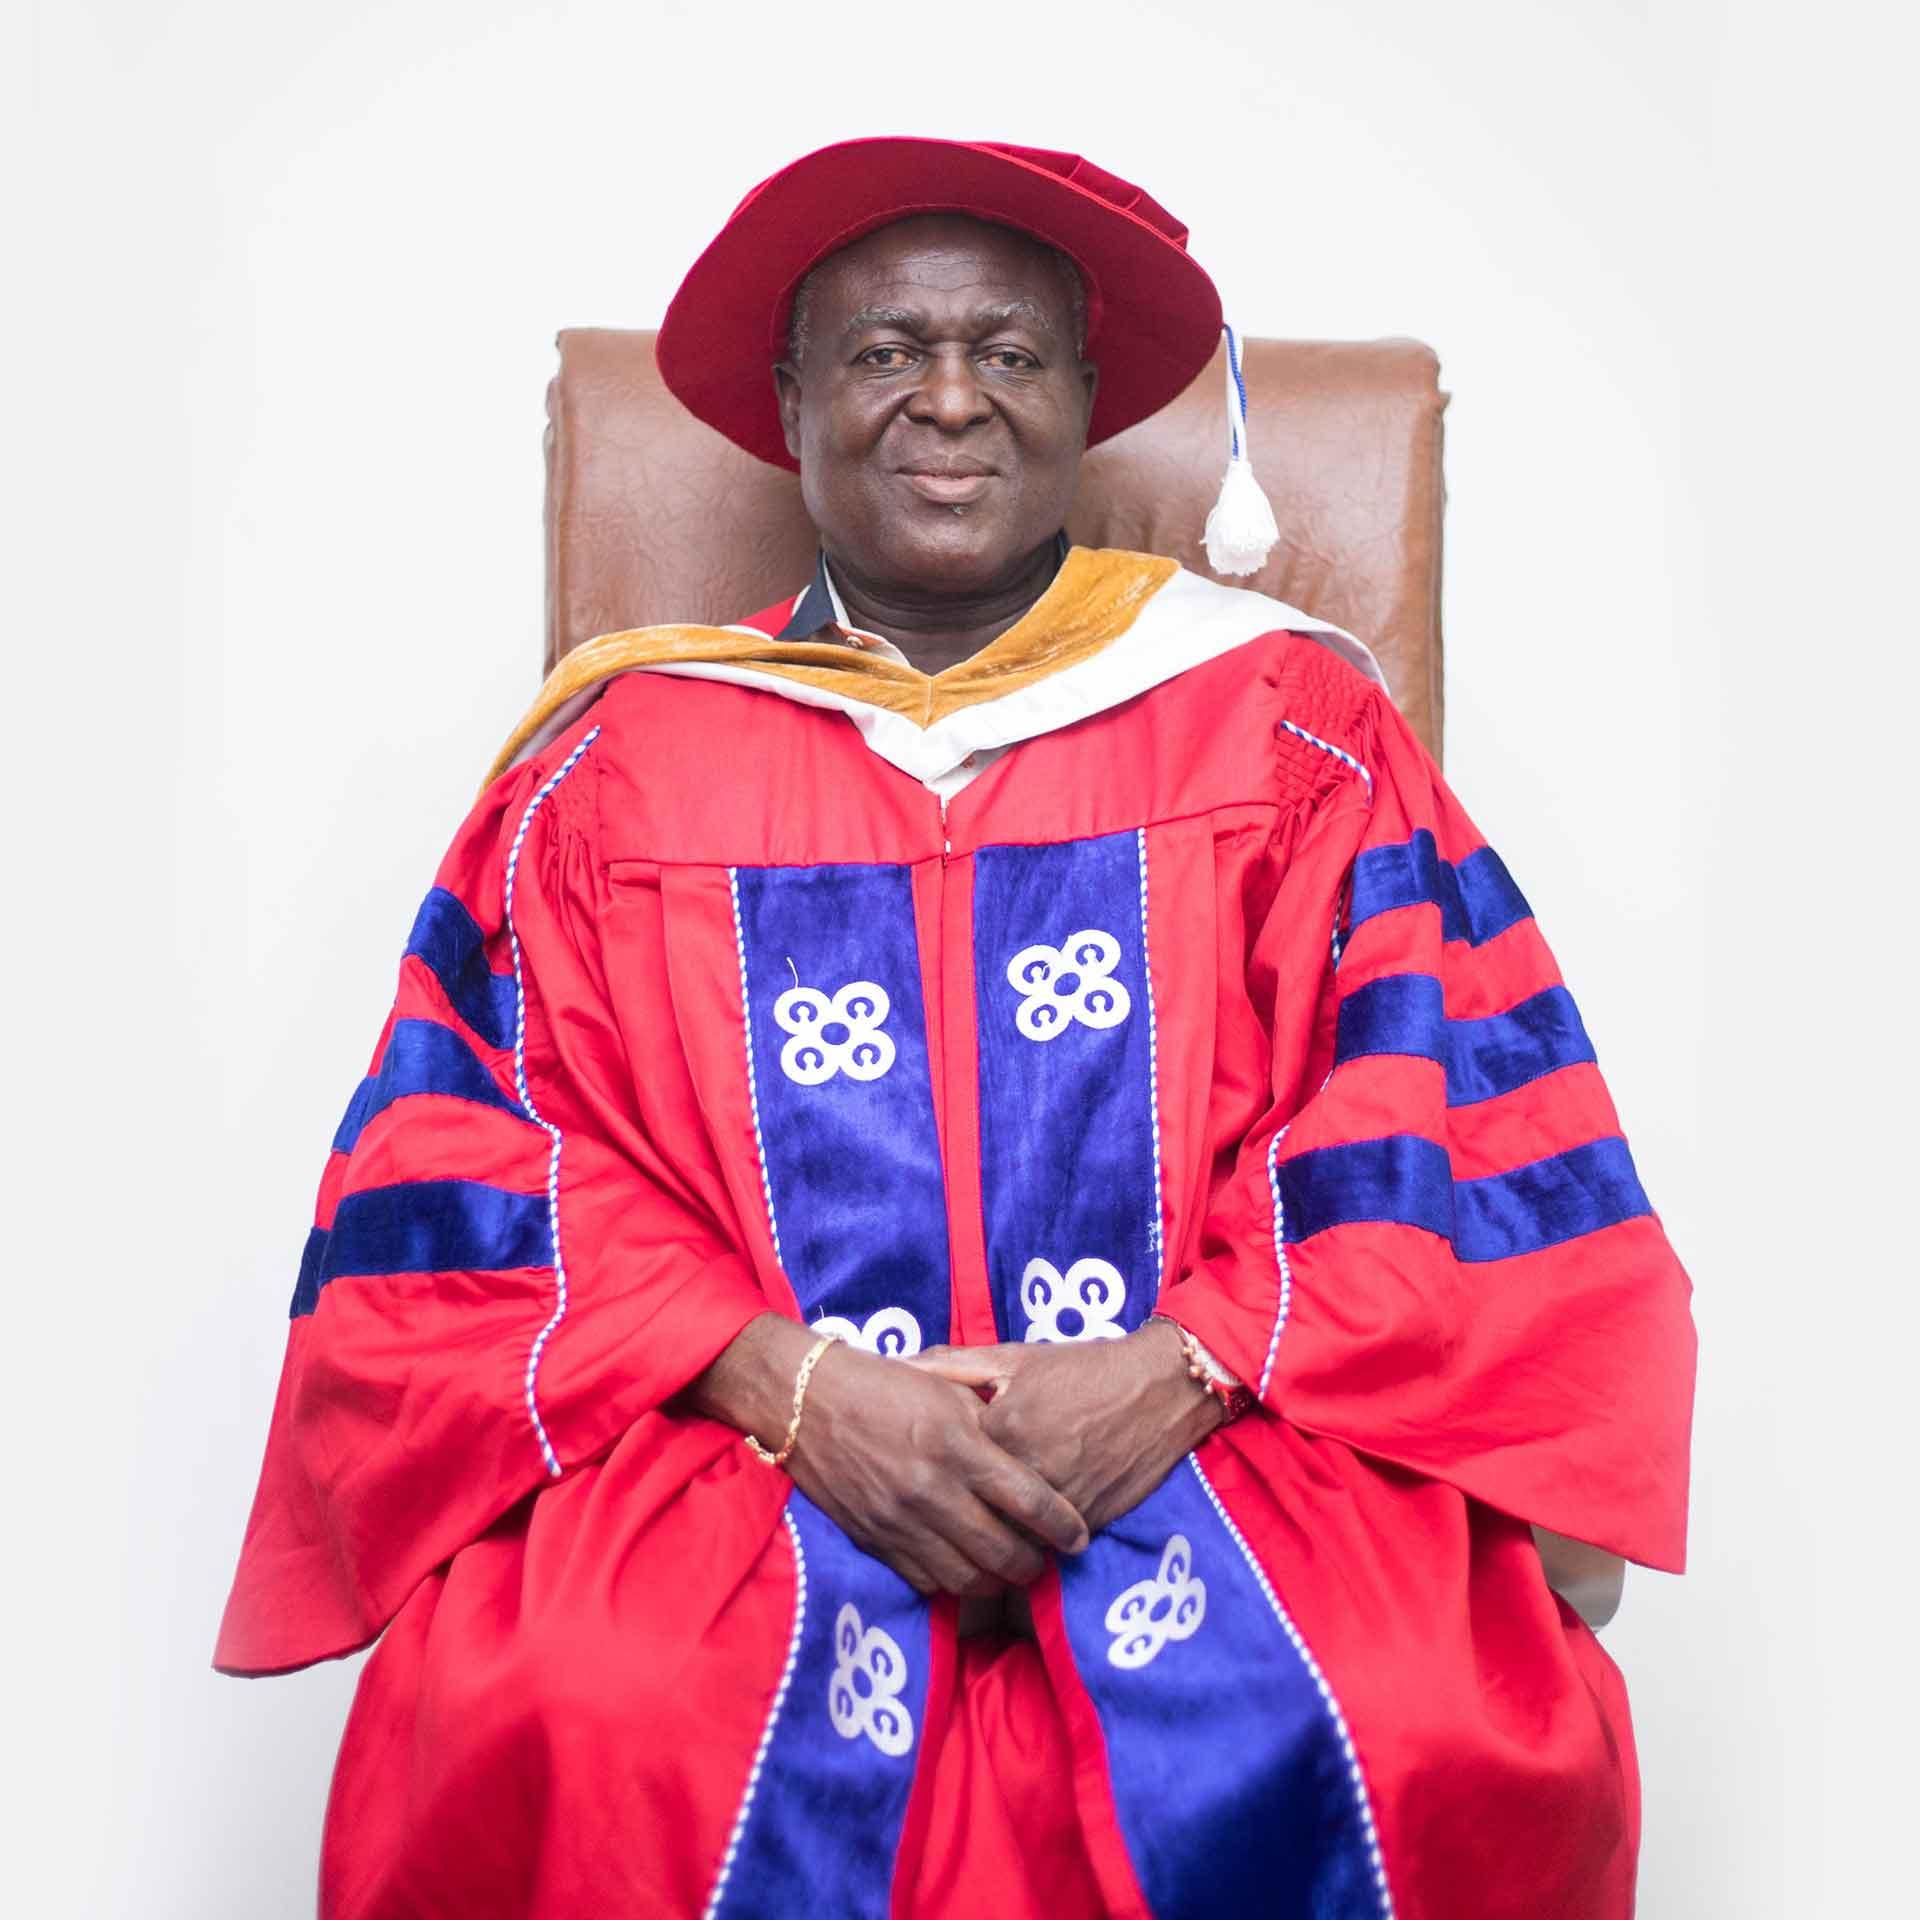 Mr. Kwabena Asante-Asare